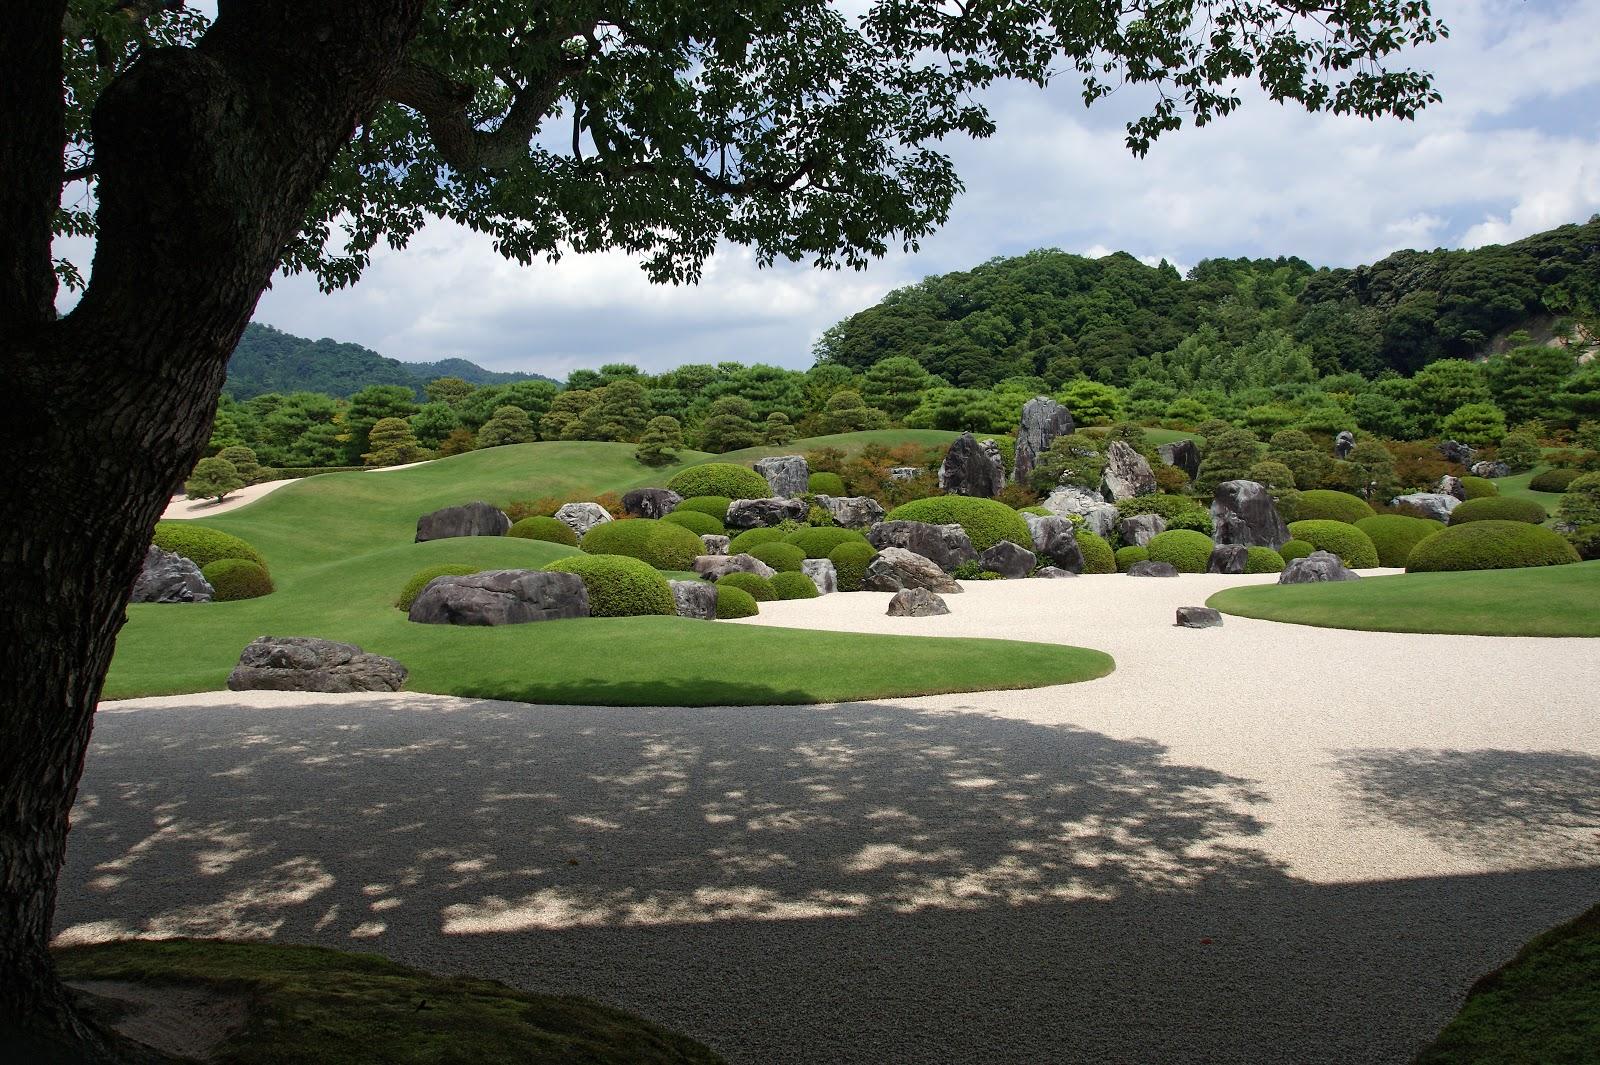 Paisajismo pueblos y jardines jardin japones del museo for Paisajismo jardines